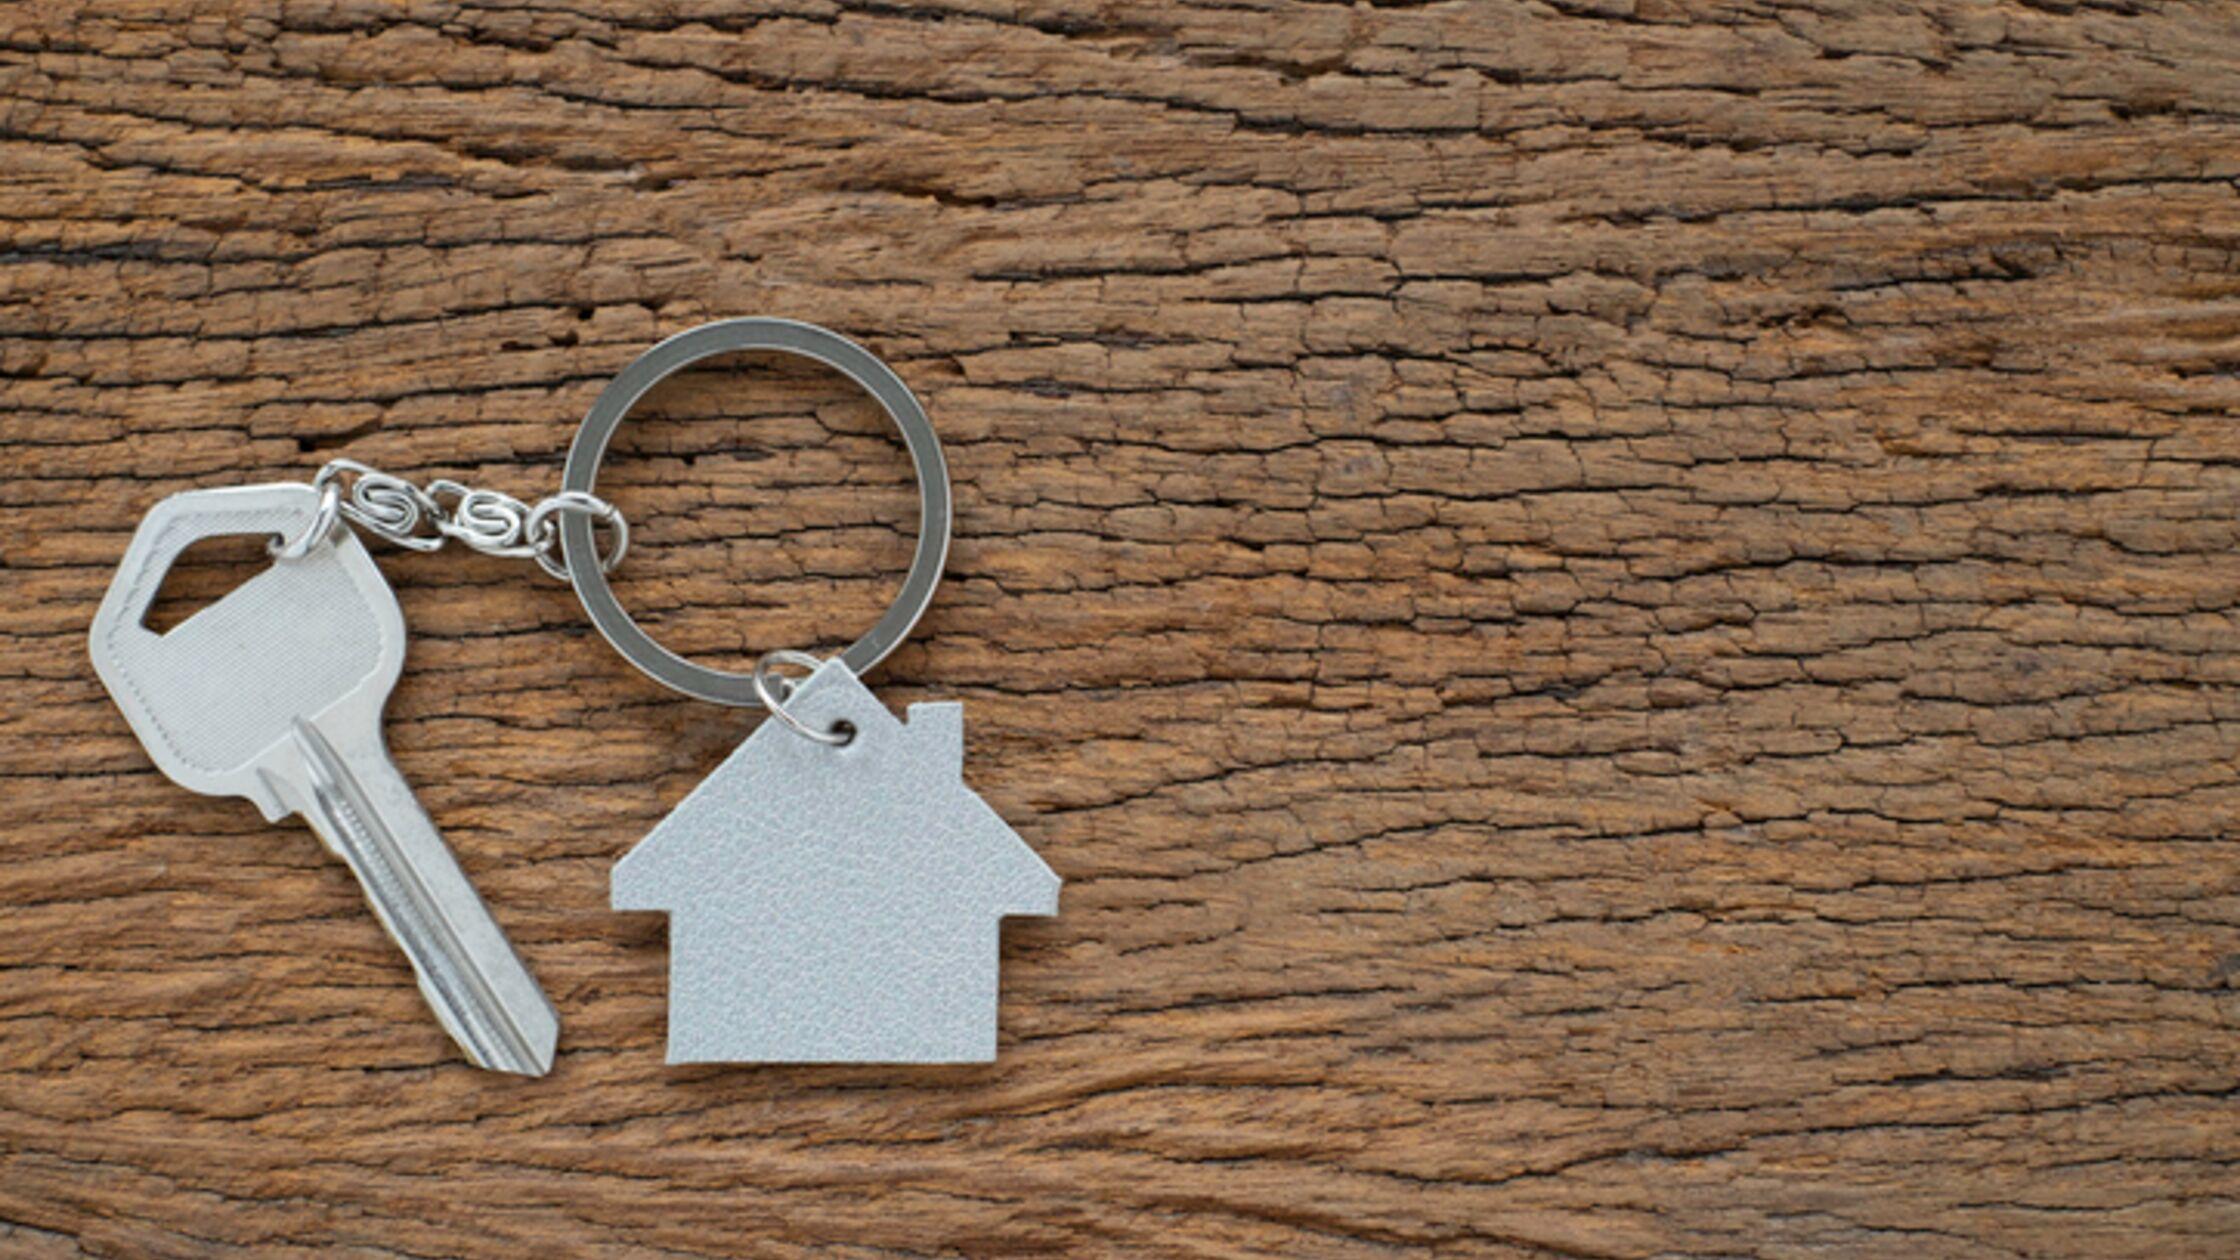 Wohnungsschlüssel verloren: Wer zahlt für den Schaden?